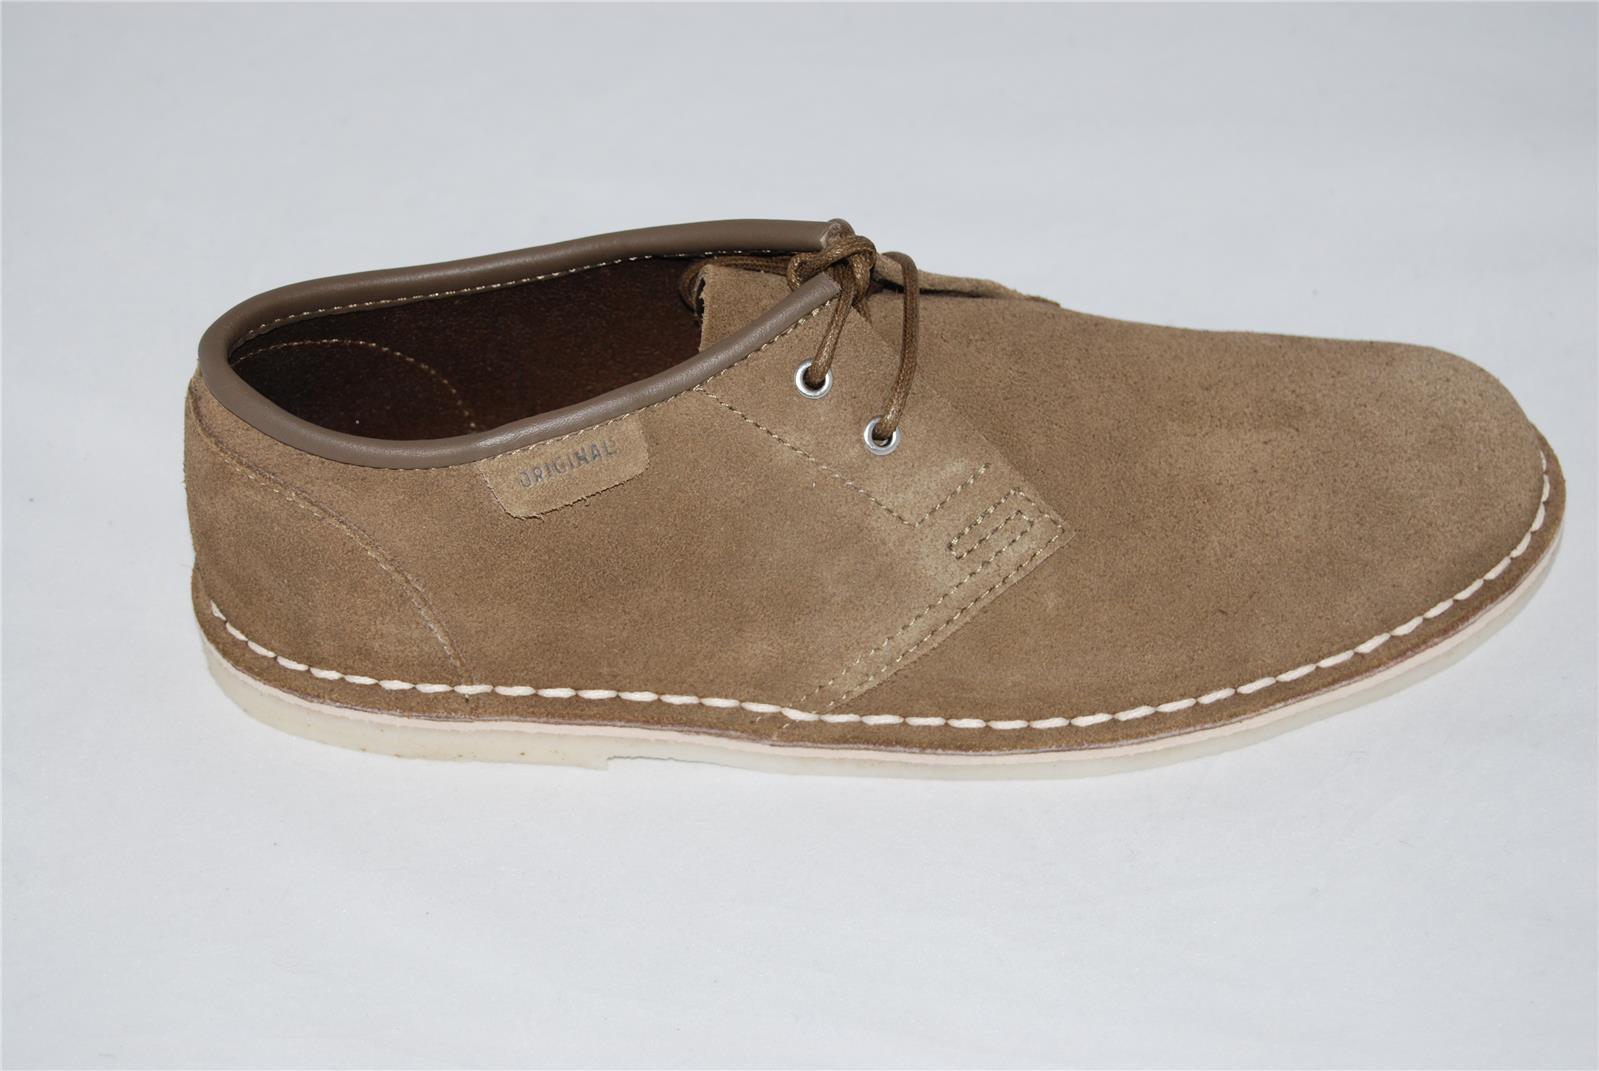 outlet store 4e521 61436 Clarks desert boot bassa VERDE MILITARE